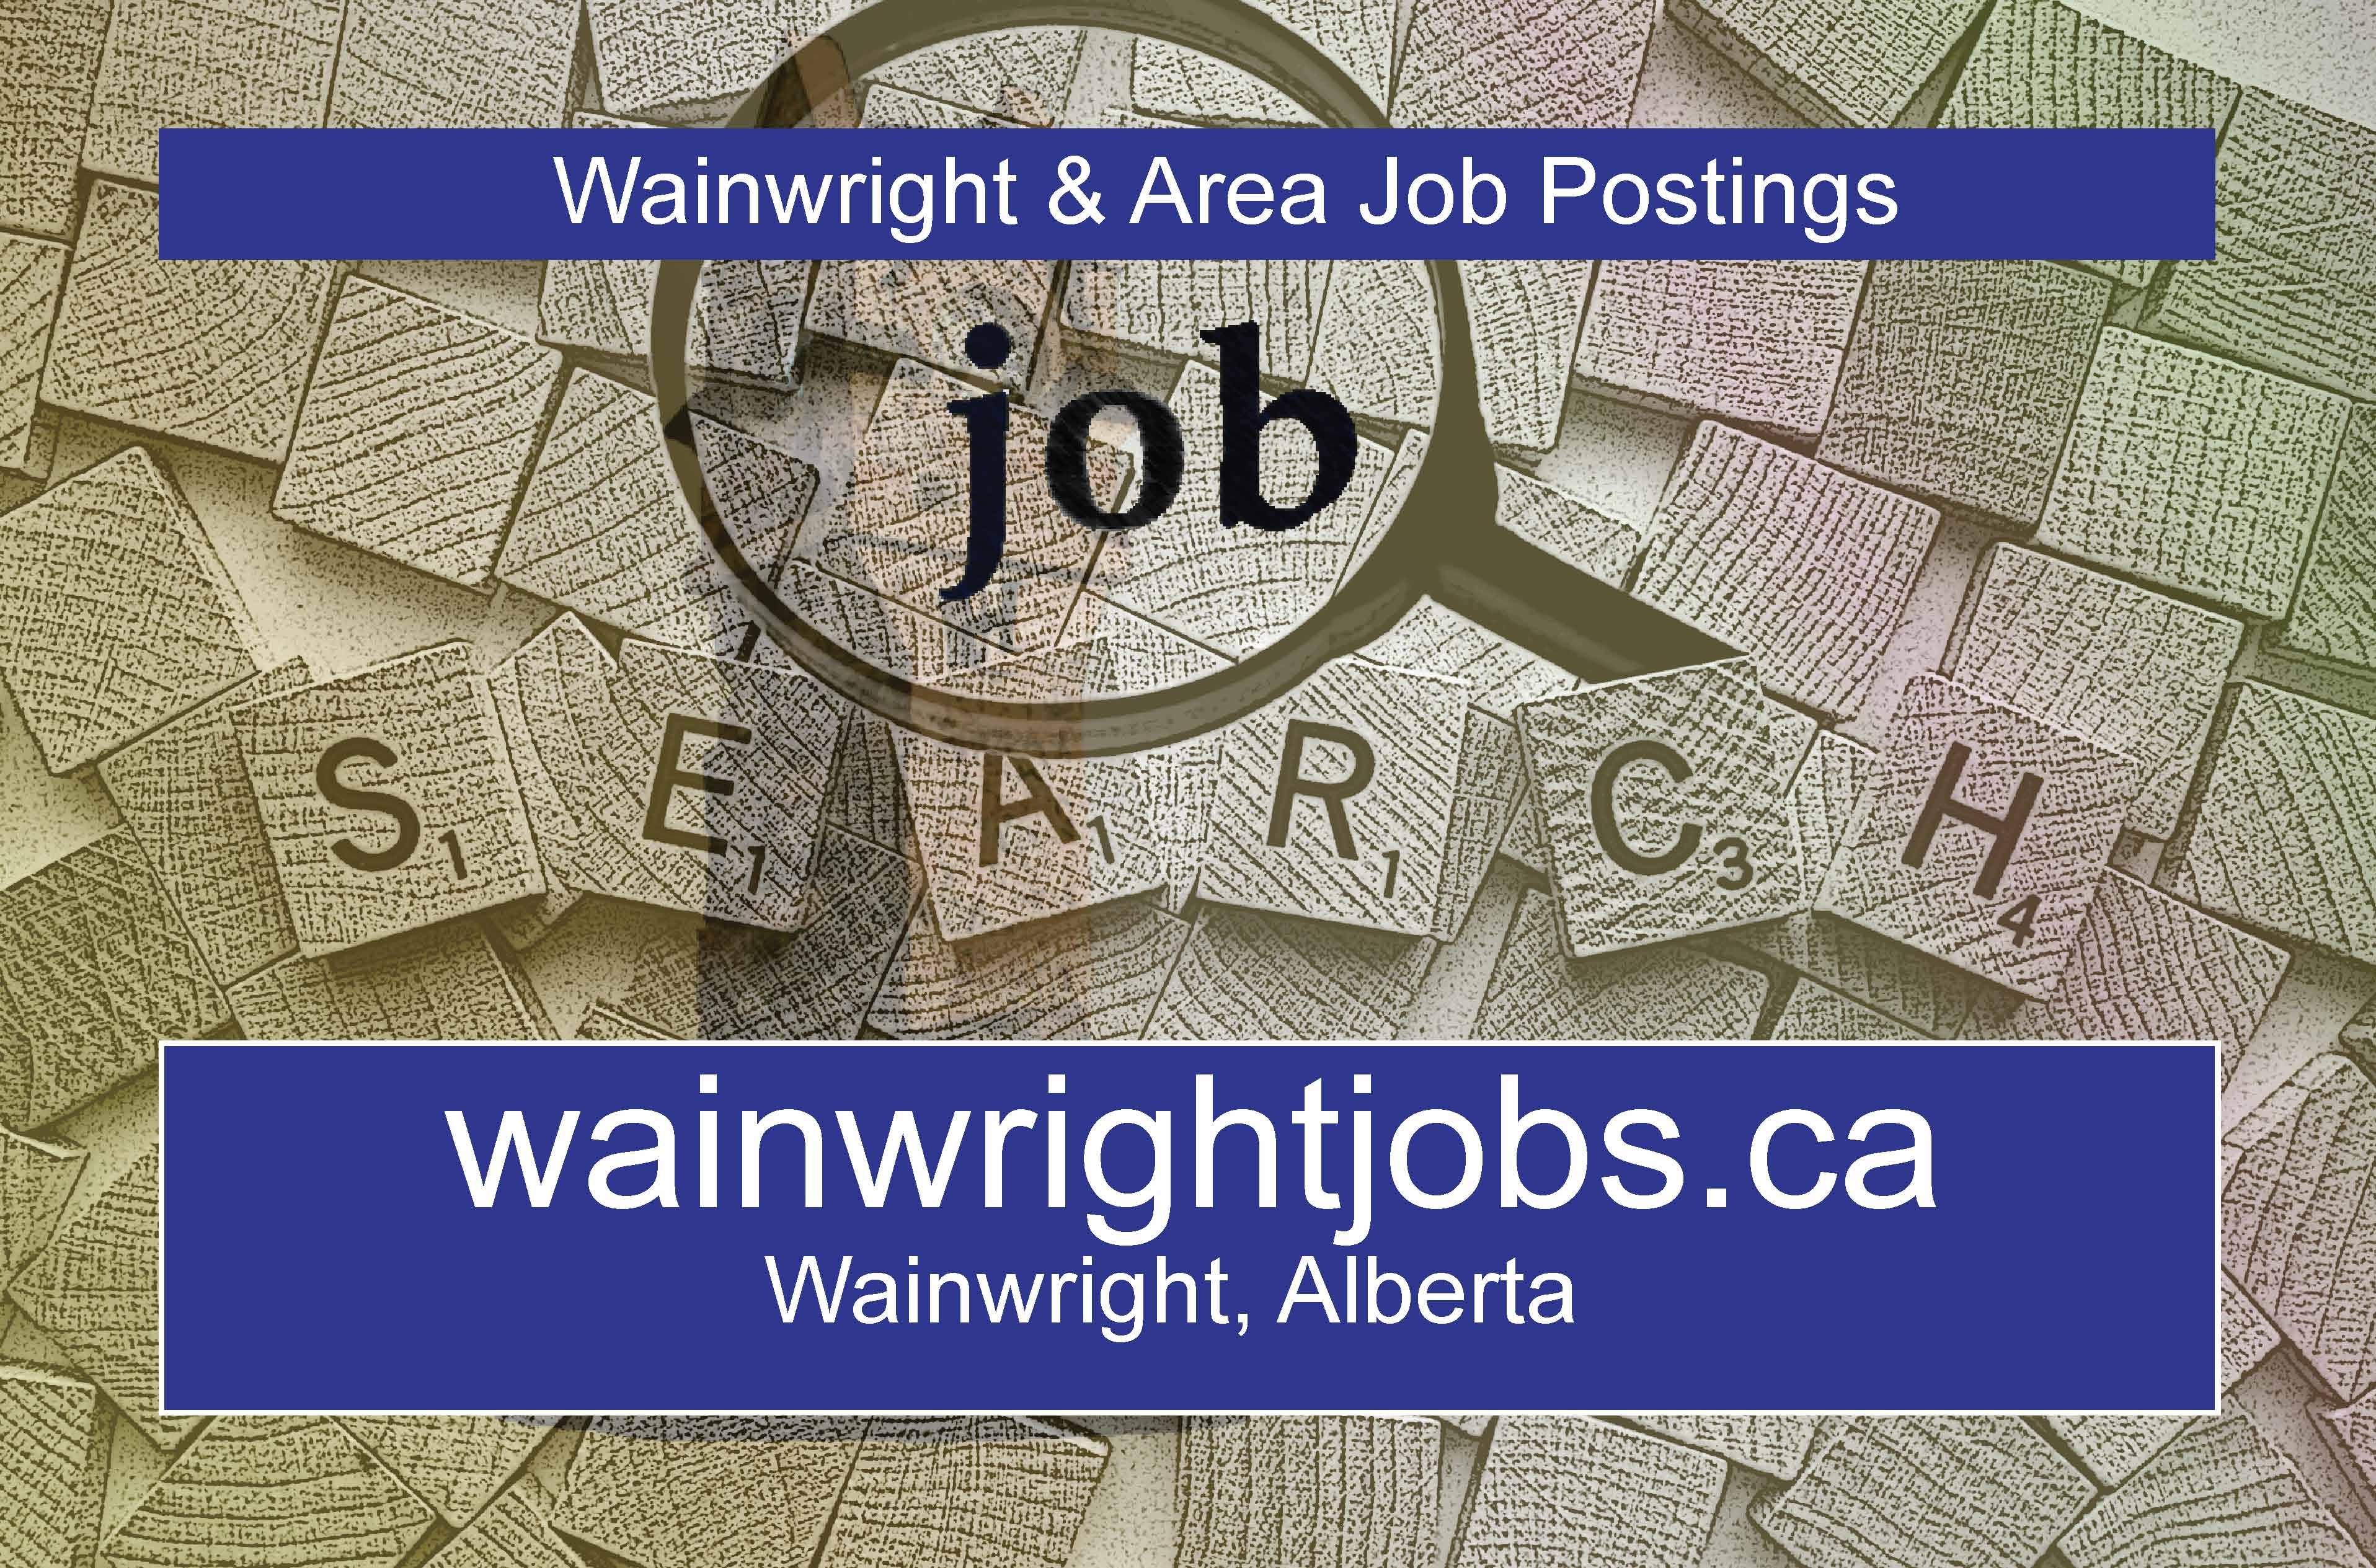 wainwrightjobs.ca